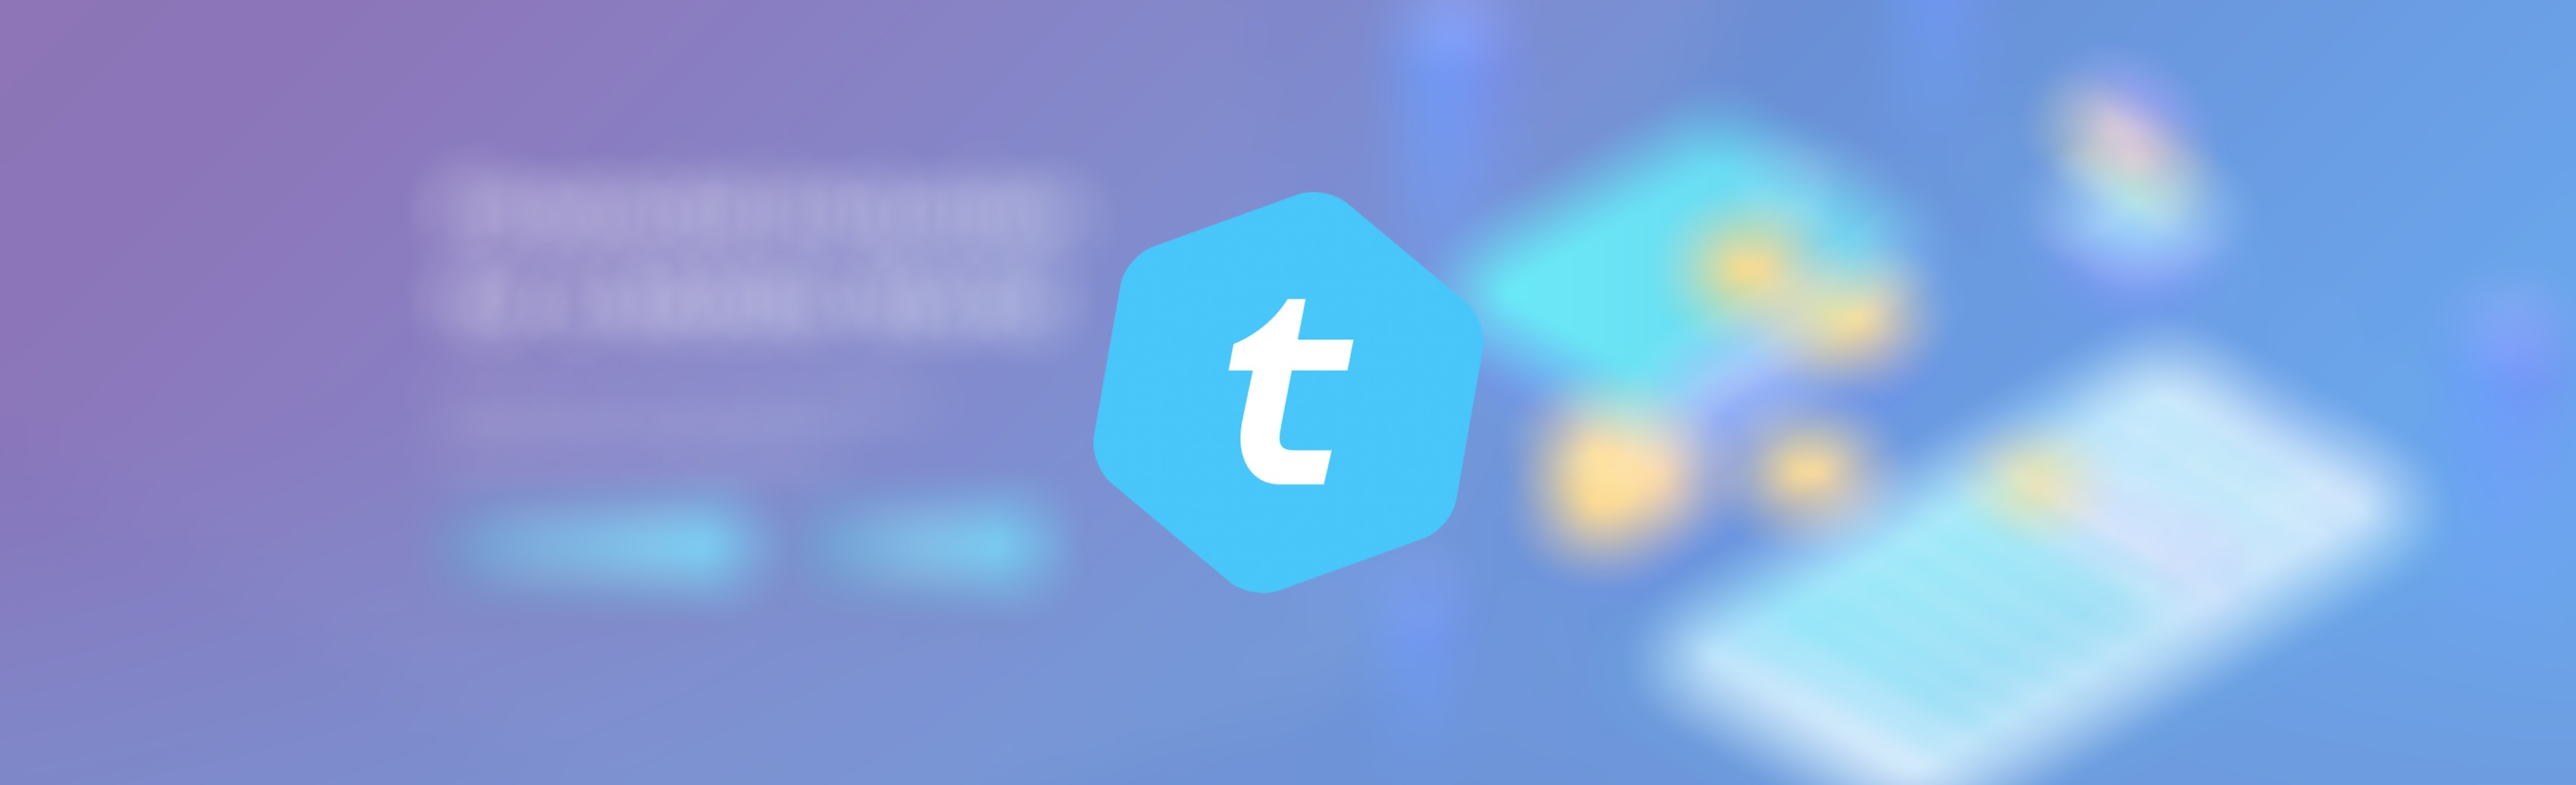 Telcoin website 2019